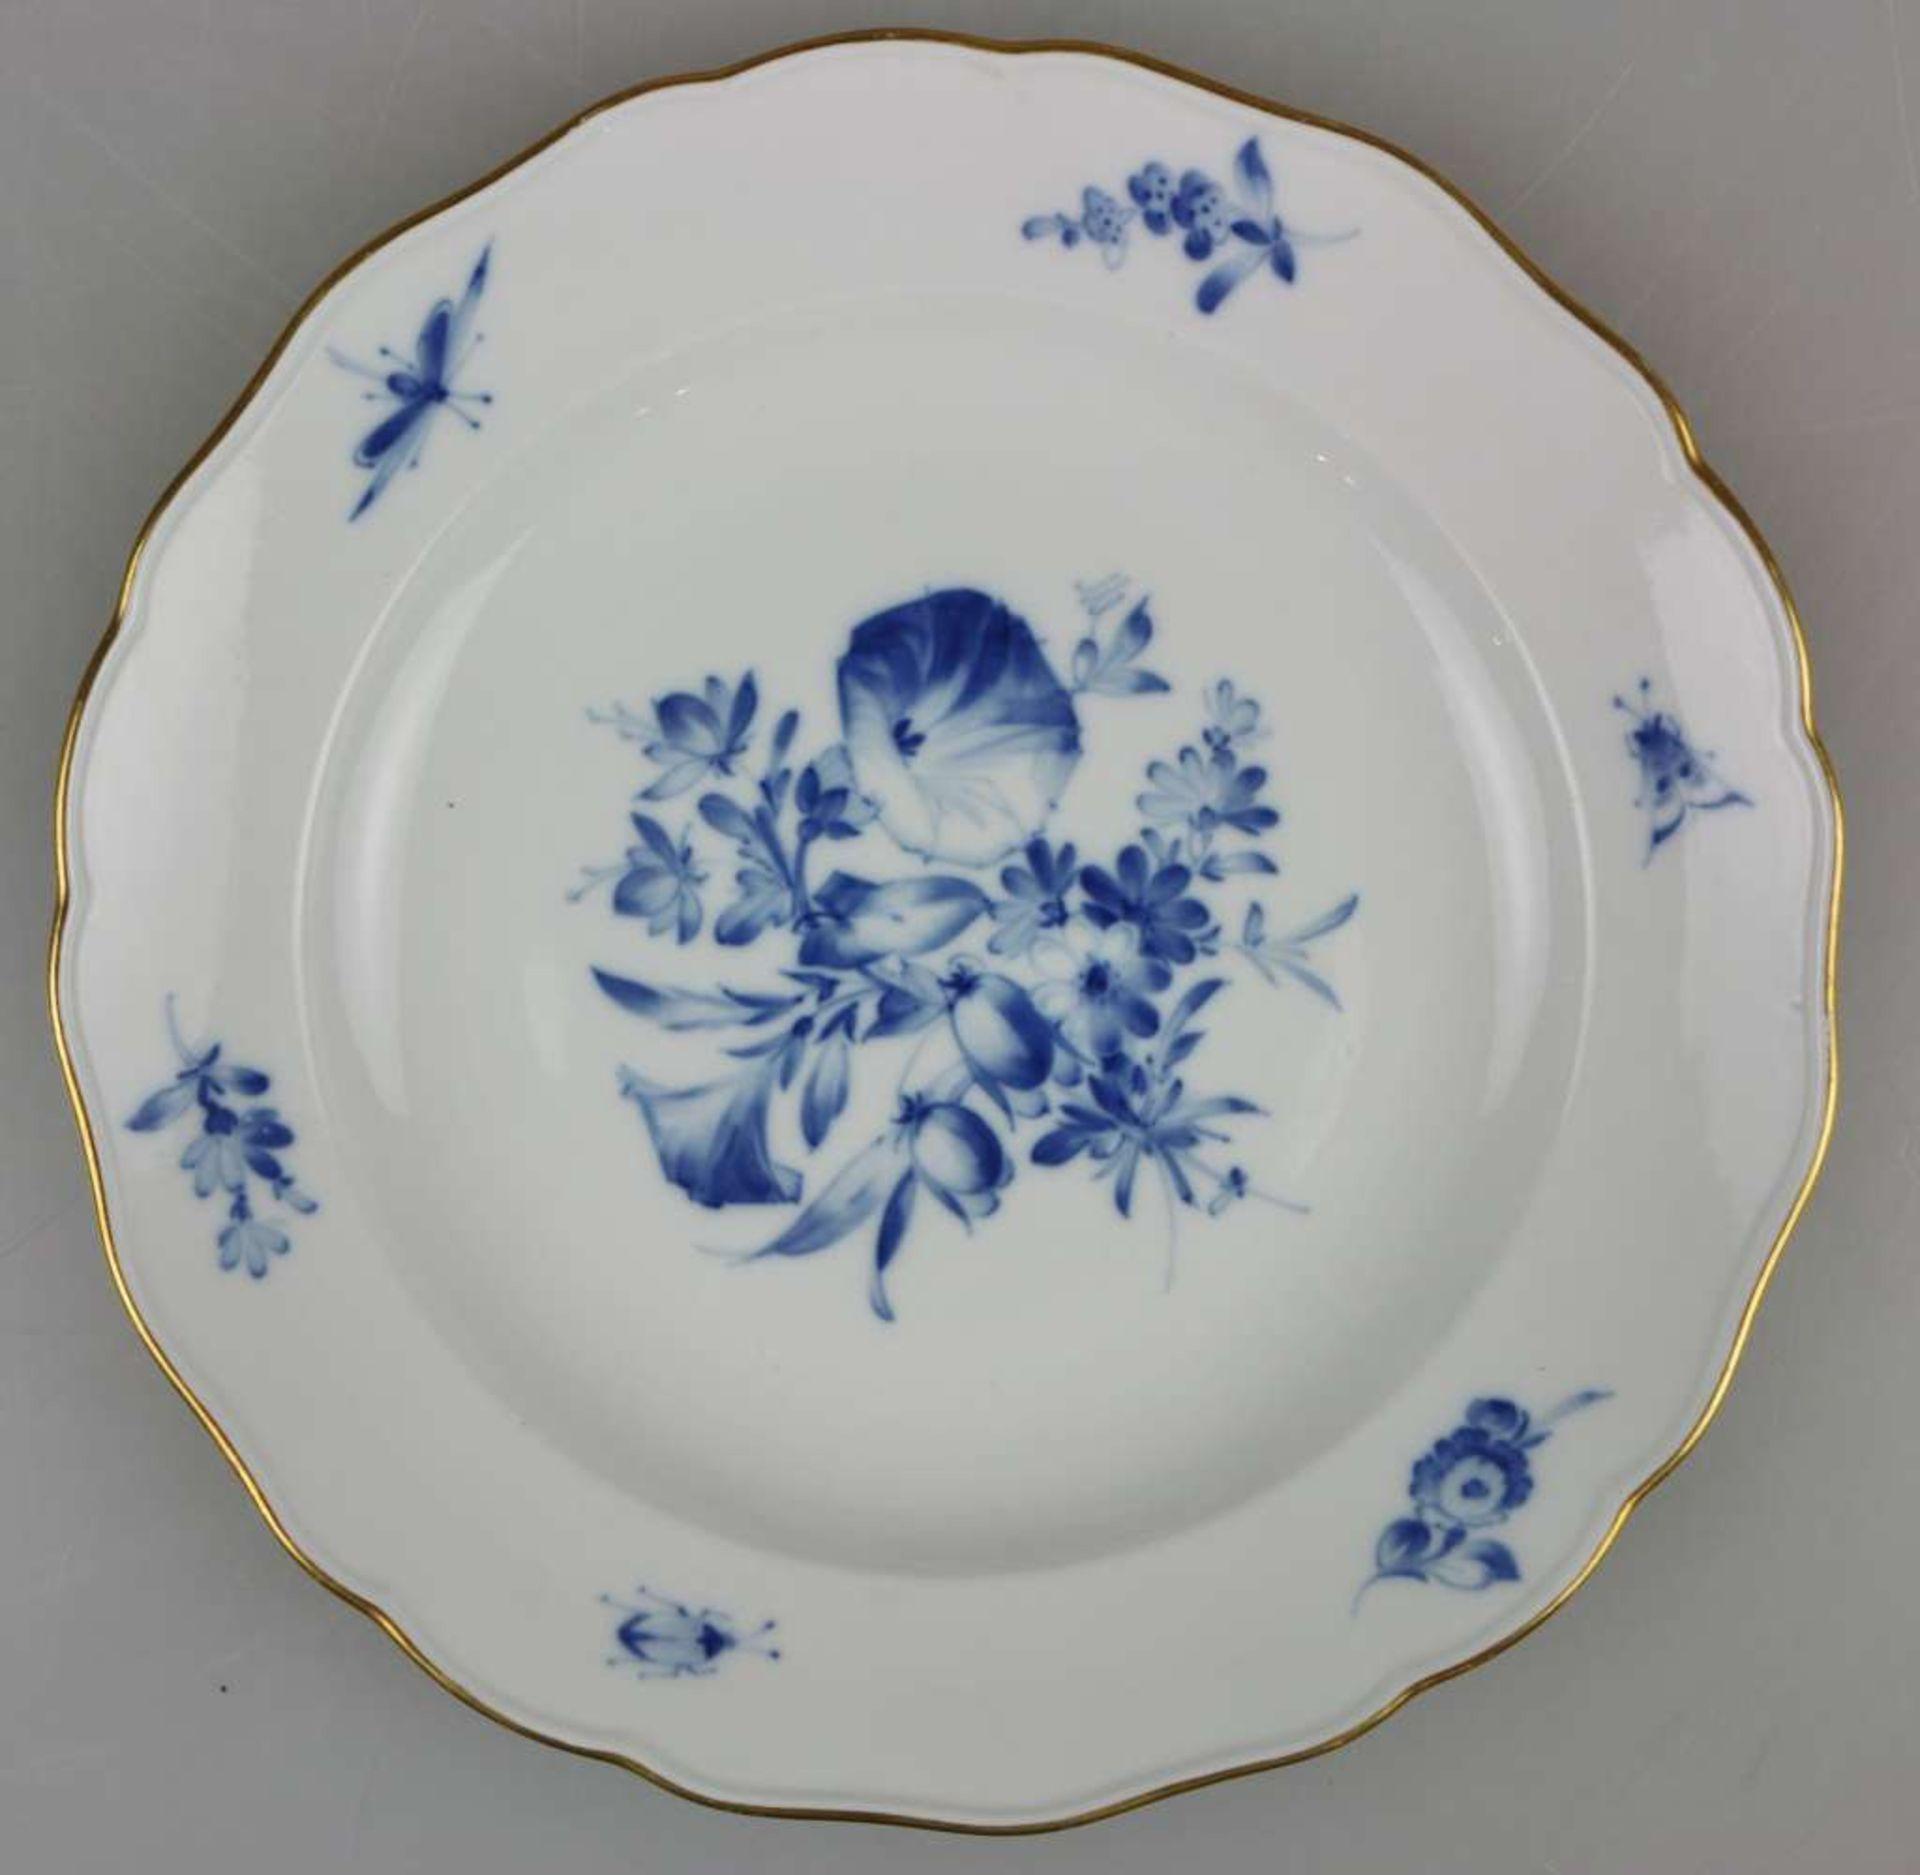 """Meissen, Speiseservice, 19. Jh., Neuer Ausschnitt """"Blaue Blume mit Insekten"""", Goldrand, 36-teil - Bild 2 aus 6"""